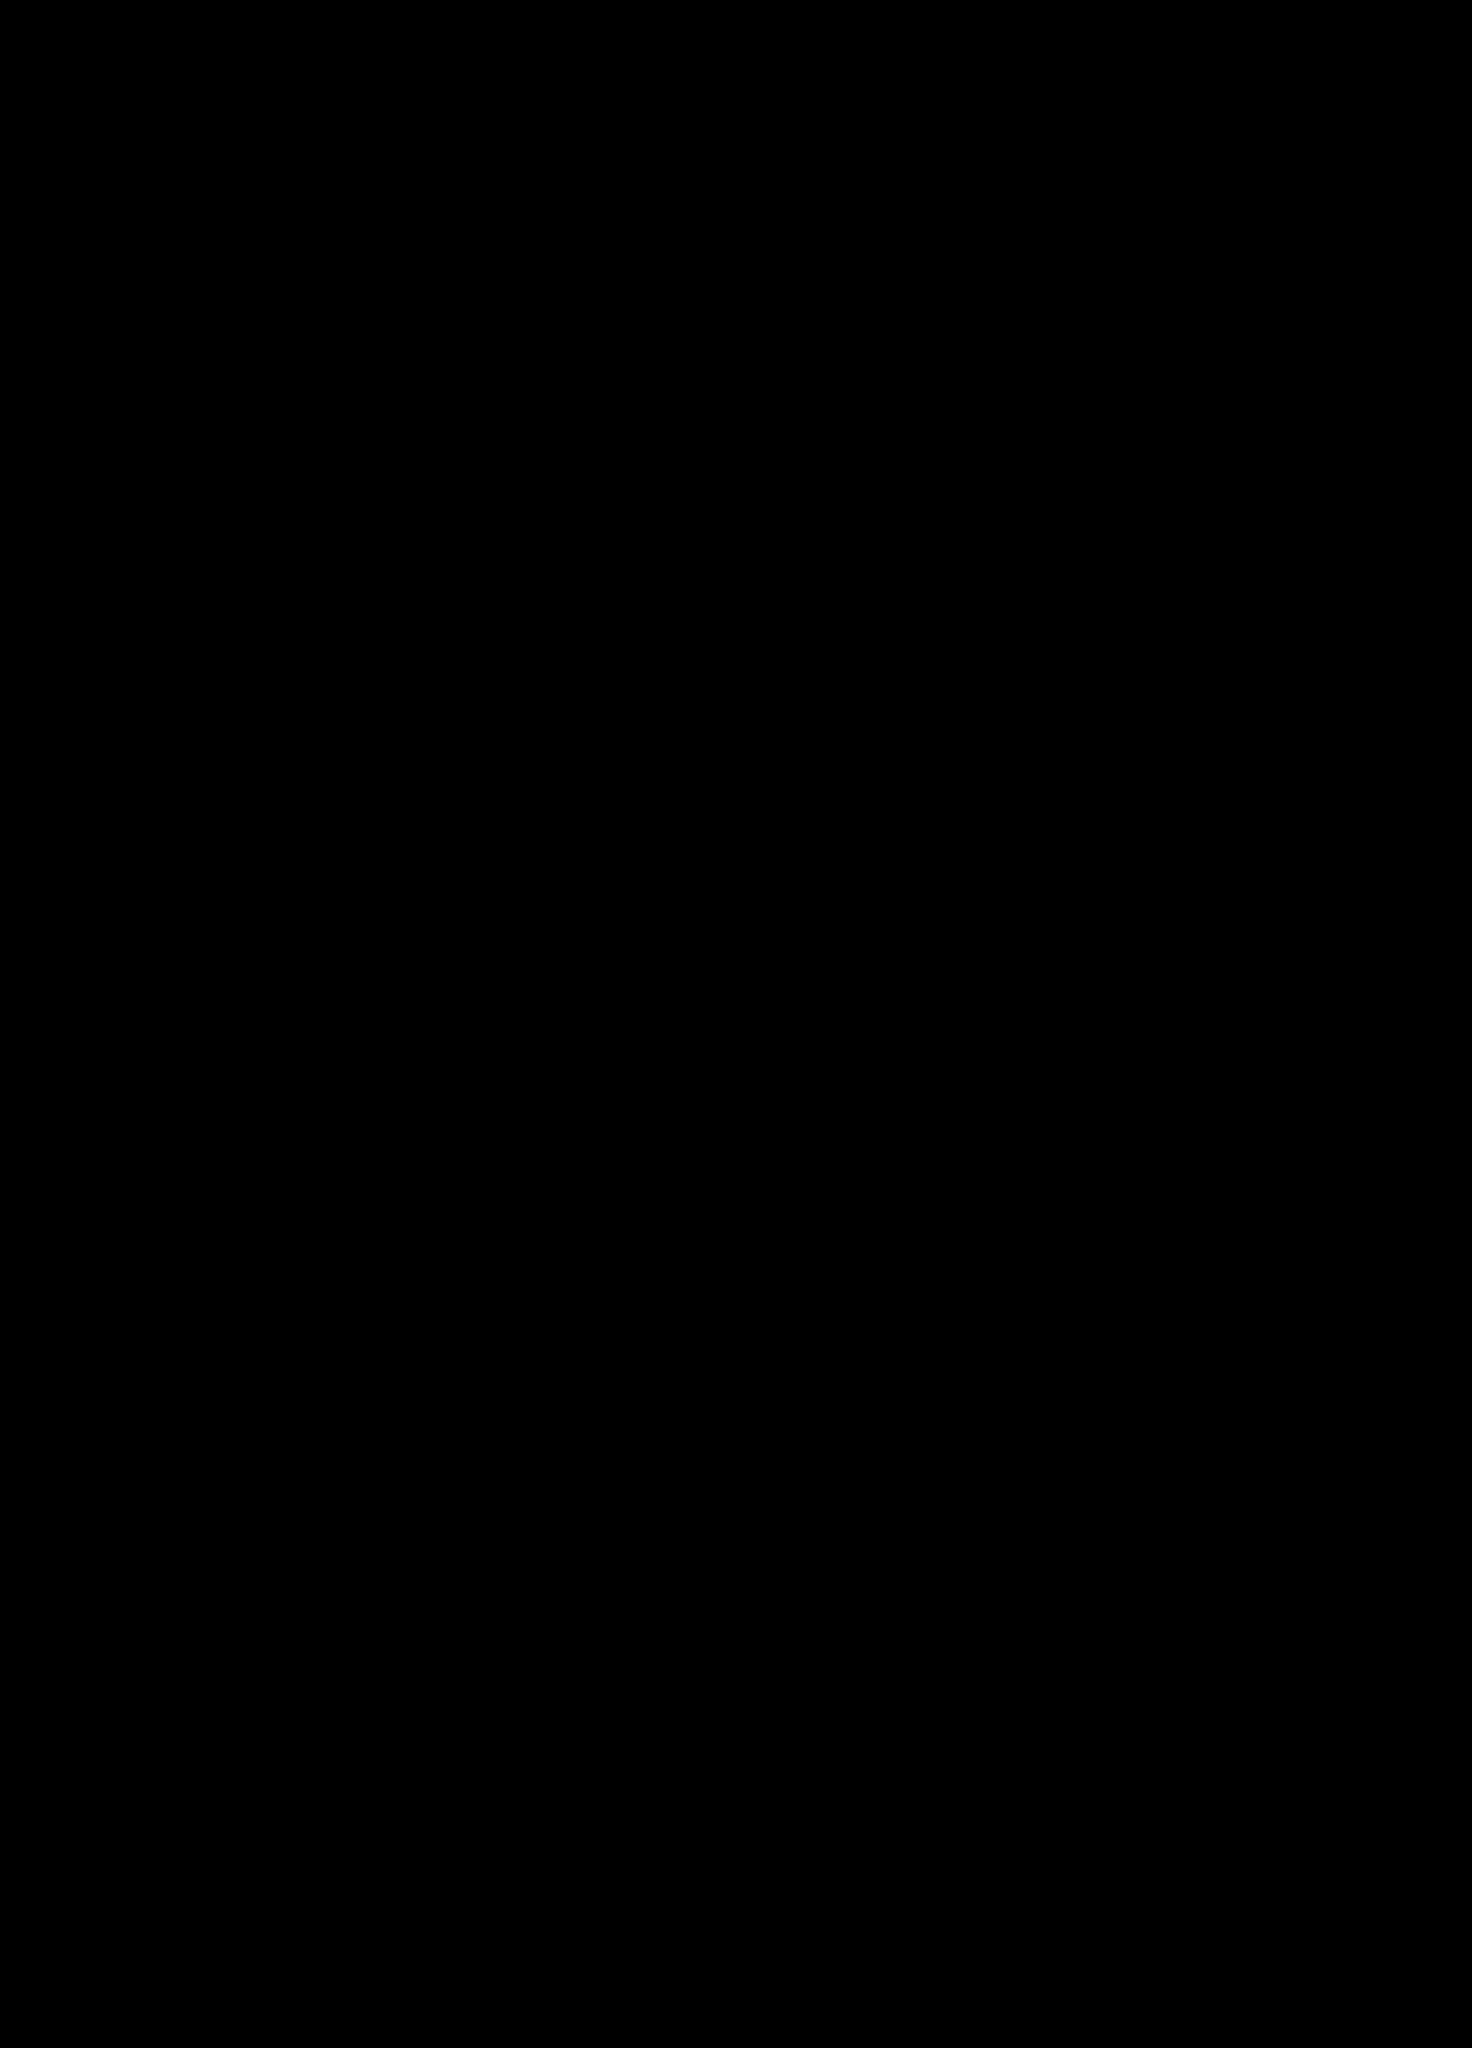 1472x2048 Snow Whitesilhouette